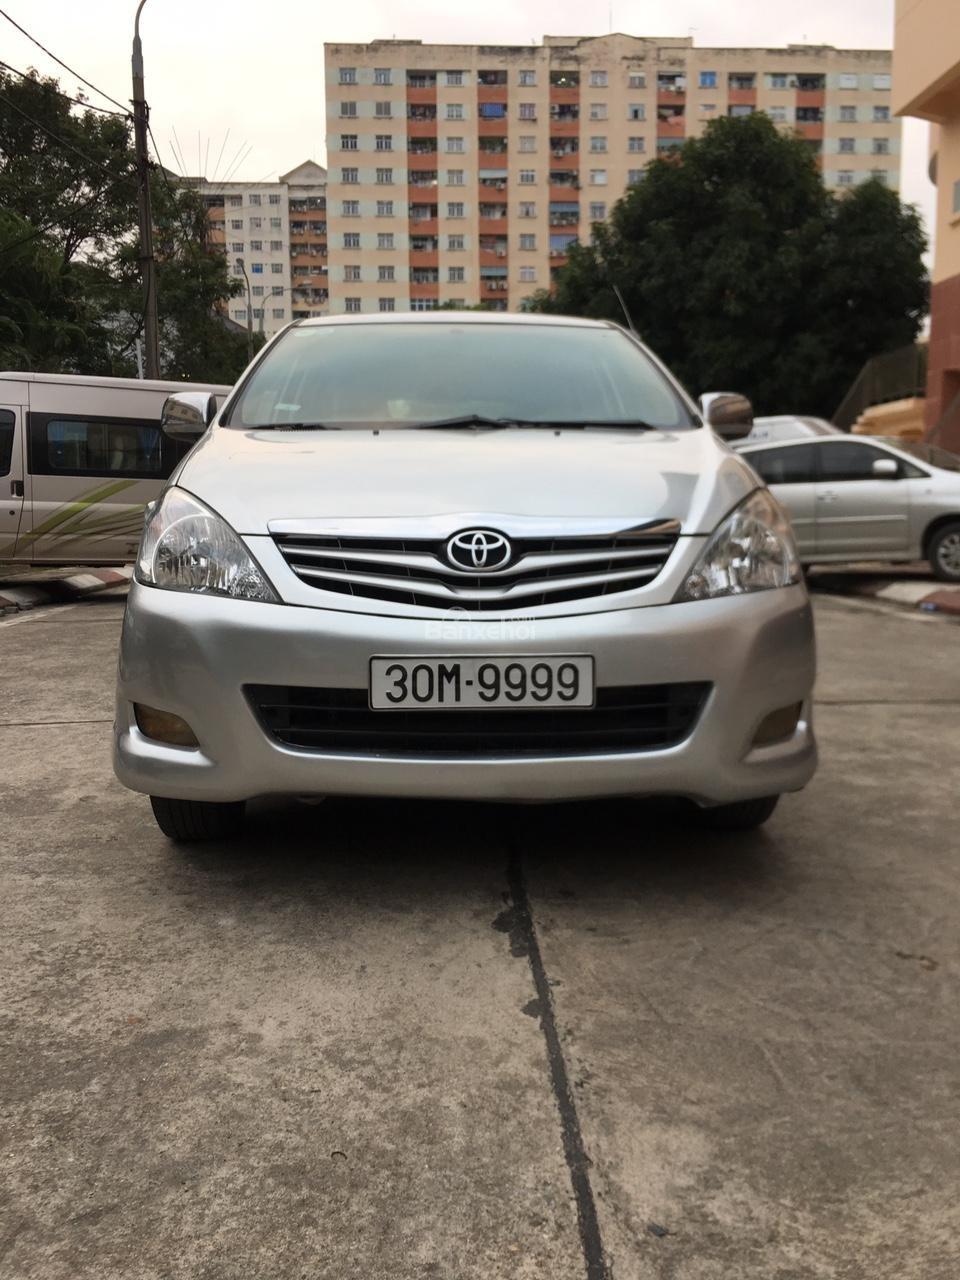 Bán xe Toyota Innova G chính chủ, biển siêu đẹp tứ quý 30M-9999-0